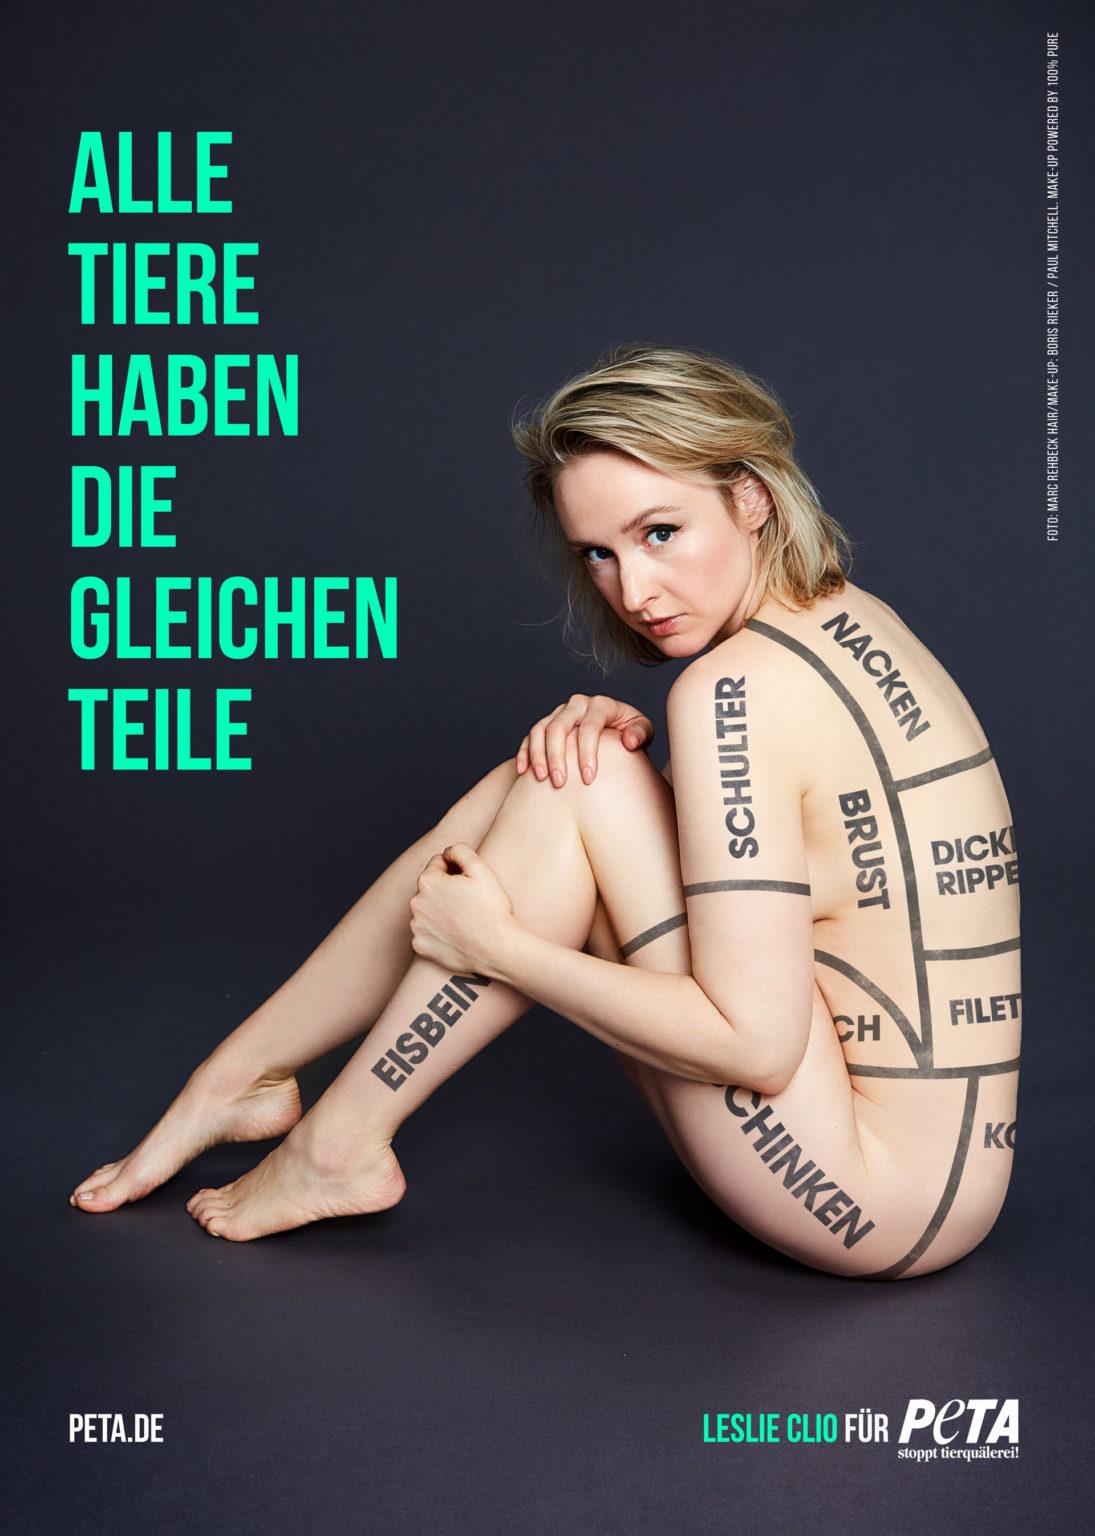 Leslie Clio - Zeigt Haut für Peta! - s'läuft! Radio-Promotion